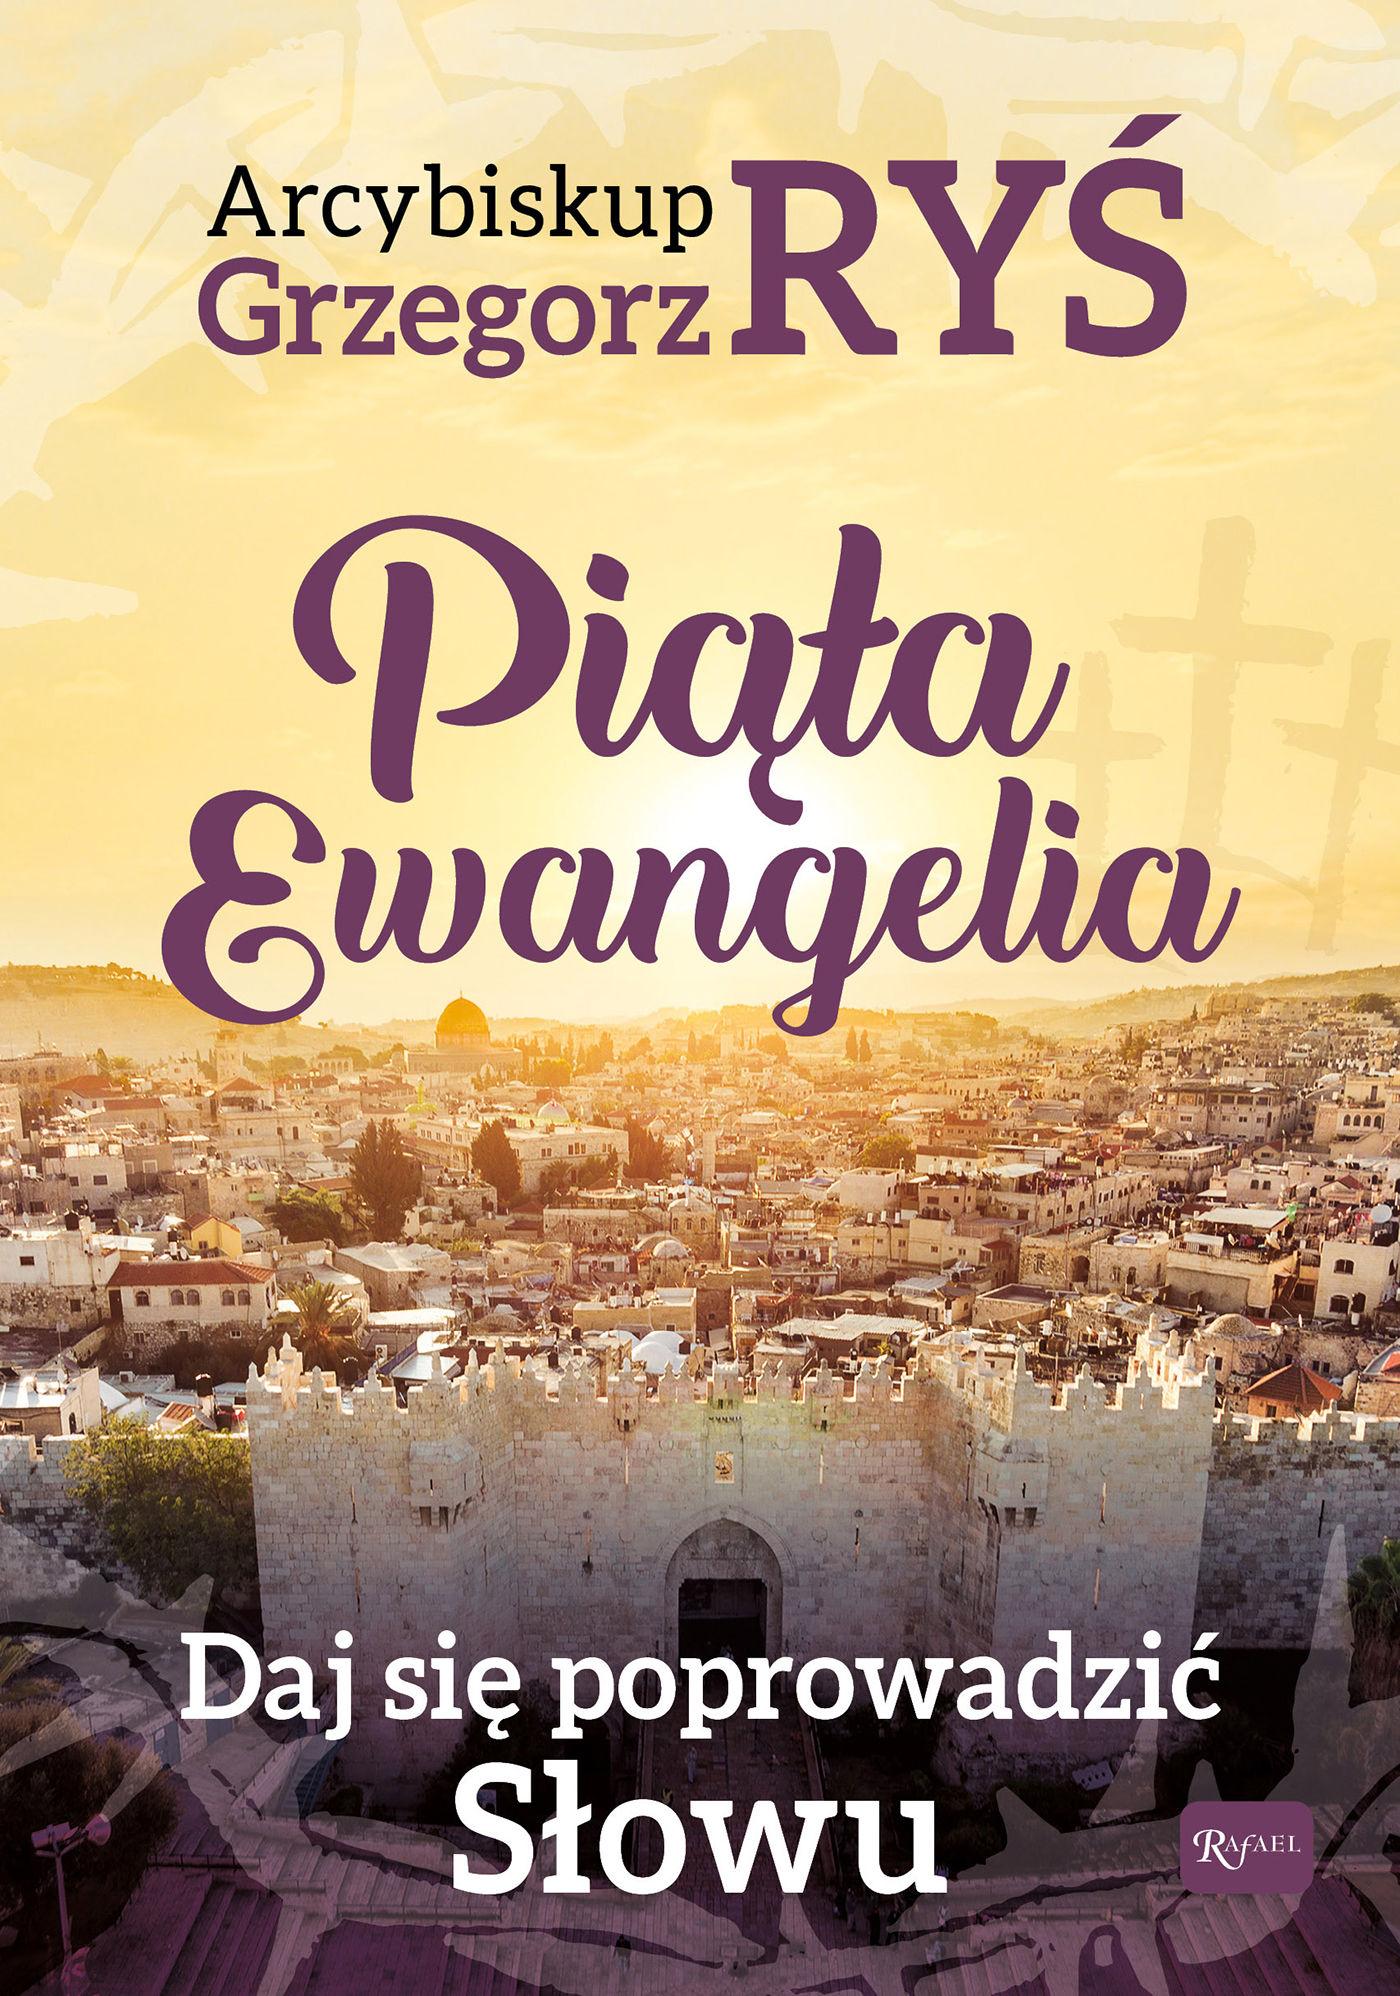 Piąta Ewangelia - Grzegorz Ryś - ebook